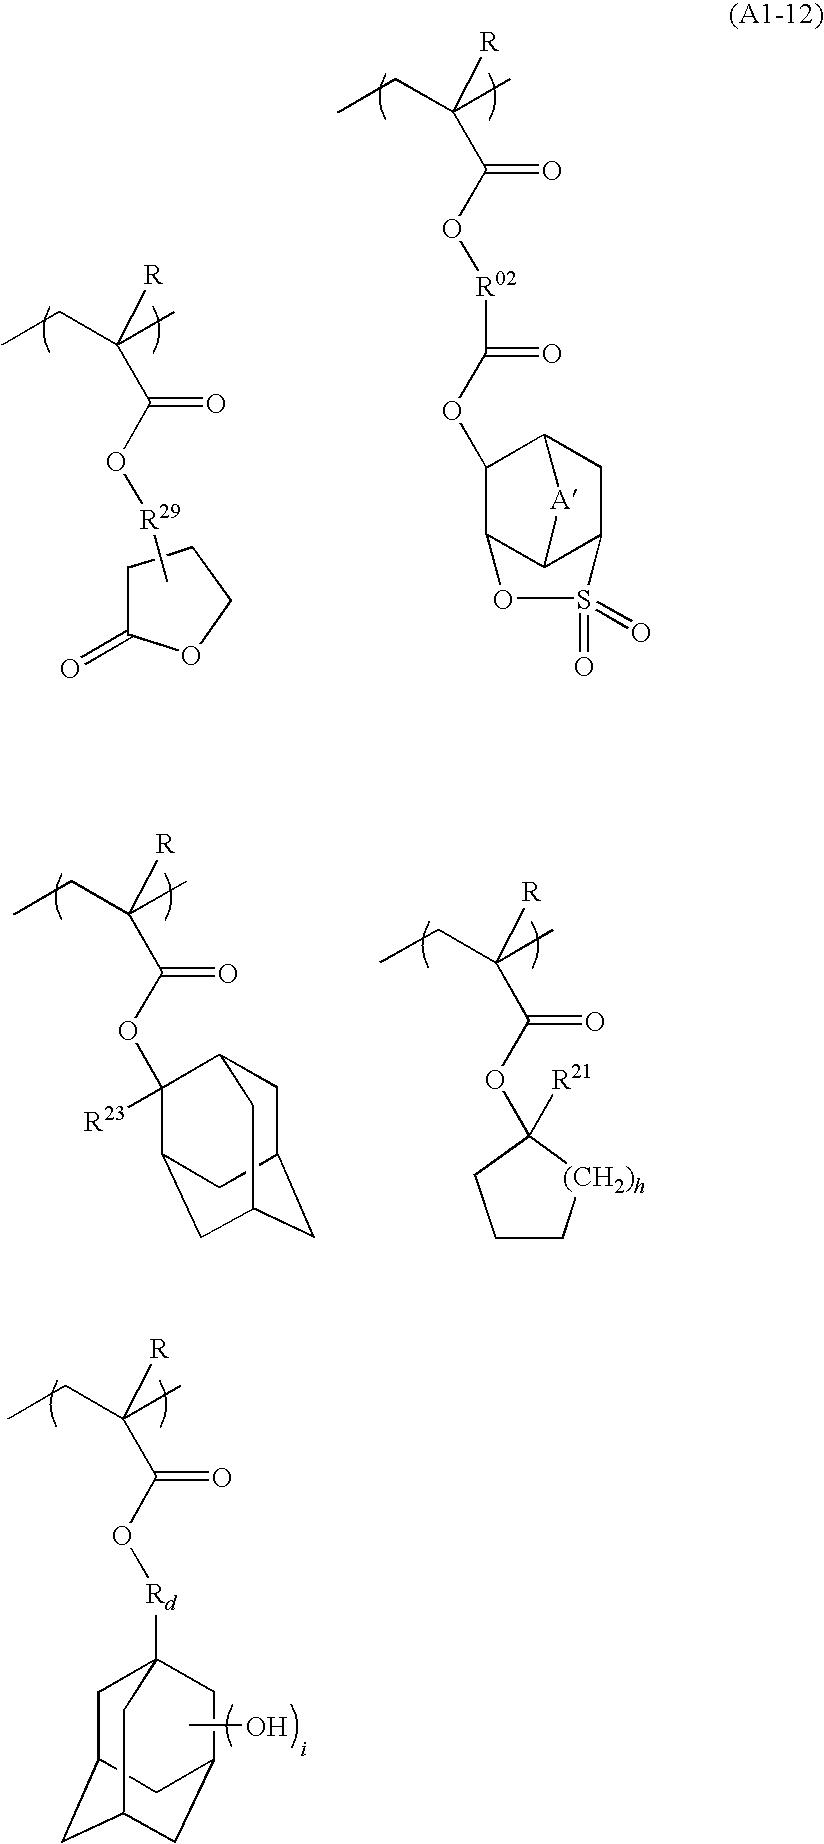 Figure US20100136480A1-20100603-C00074